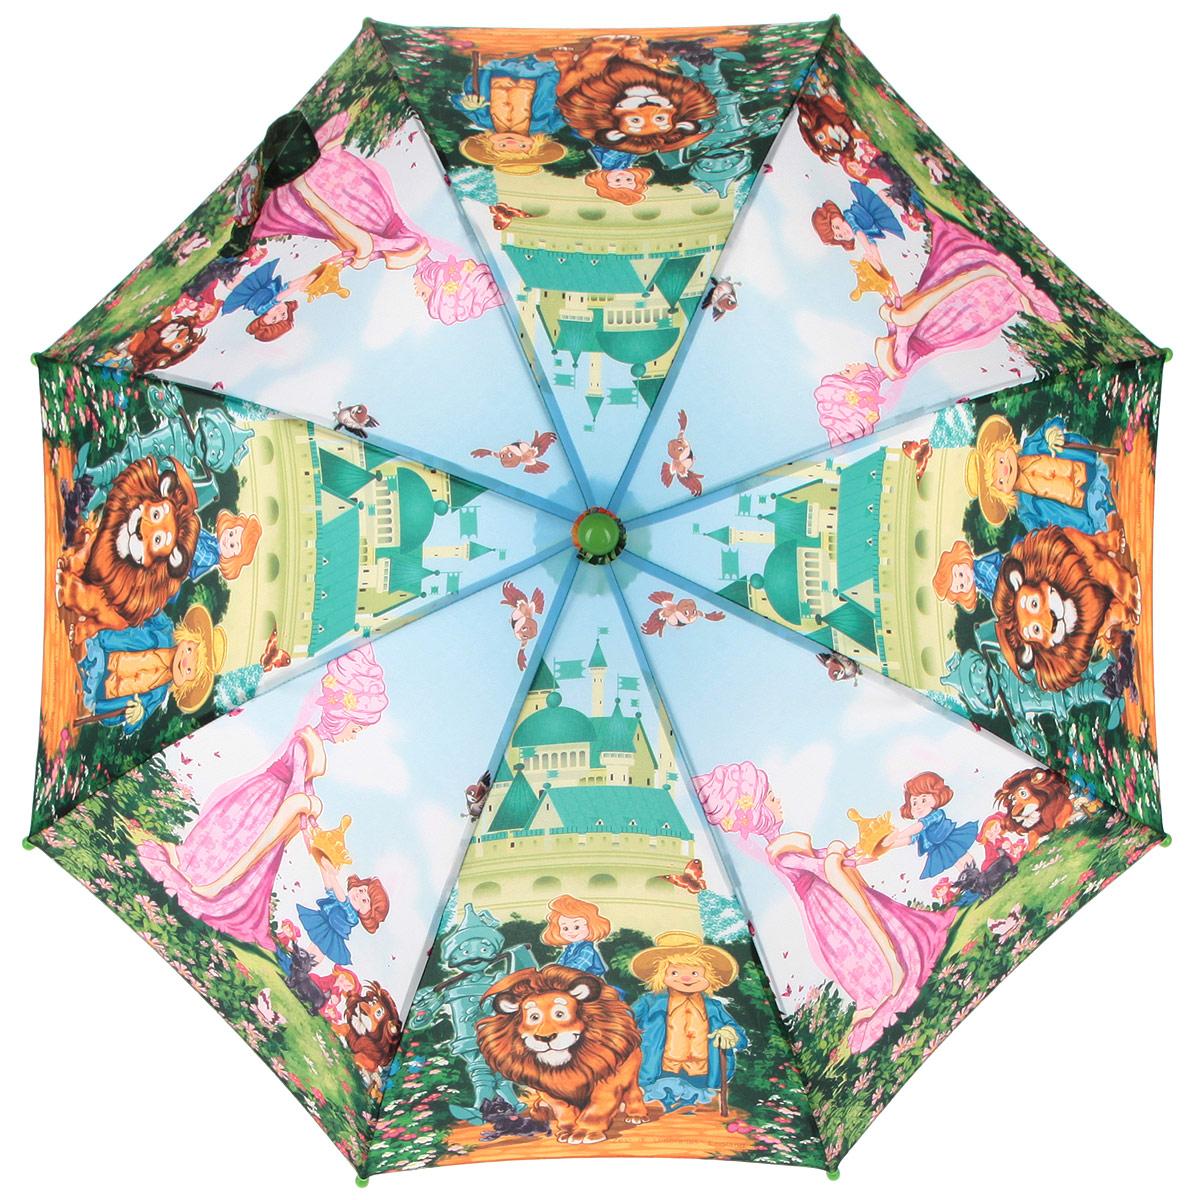 Зонт-трость детский Zest, цвет: голубой, зеленый, мультицвет. 21665-0321665-03Красочный детский зонт-трость ZEST выполнен из металла и пластика, оформлен принтом с изображениями героев известнейших сказок. Каркас зонта выполнен из восьми спиц, стержень из стали. На концах спиц предусмотрены пластиковые элементы, которые защитят малыша от травм. Купол зонта изготовлен прочного полиэстера. Закрытый купол застегивается на липучку хлястиком. Практичная глянцевая рукоятка закругленной формы разработана с учетом требований эргономики и выполнена из пластика. Зонт имеет полуавтоматический механизм сложения: купол открывается нажатием кнопки на рукоятке, а закрывается вручную до характерного щелчка. Такой зонт не только надежно защитит малыша от дождя, но и станет стильным аксессуаром.